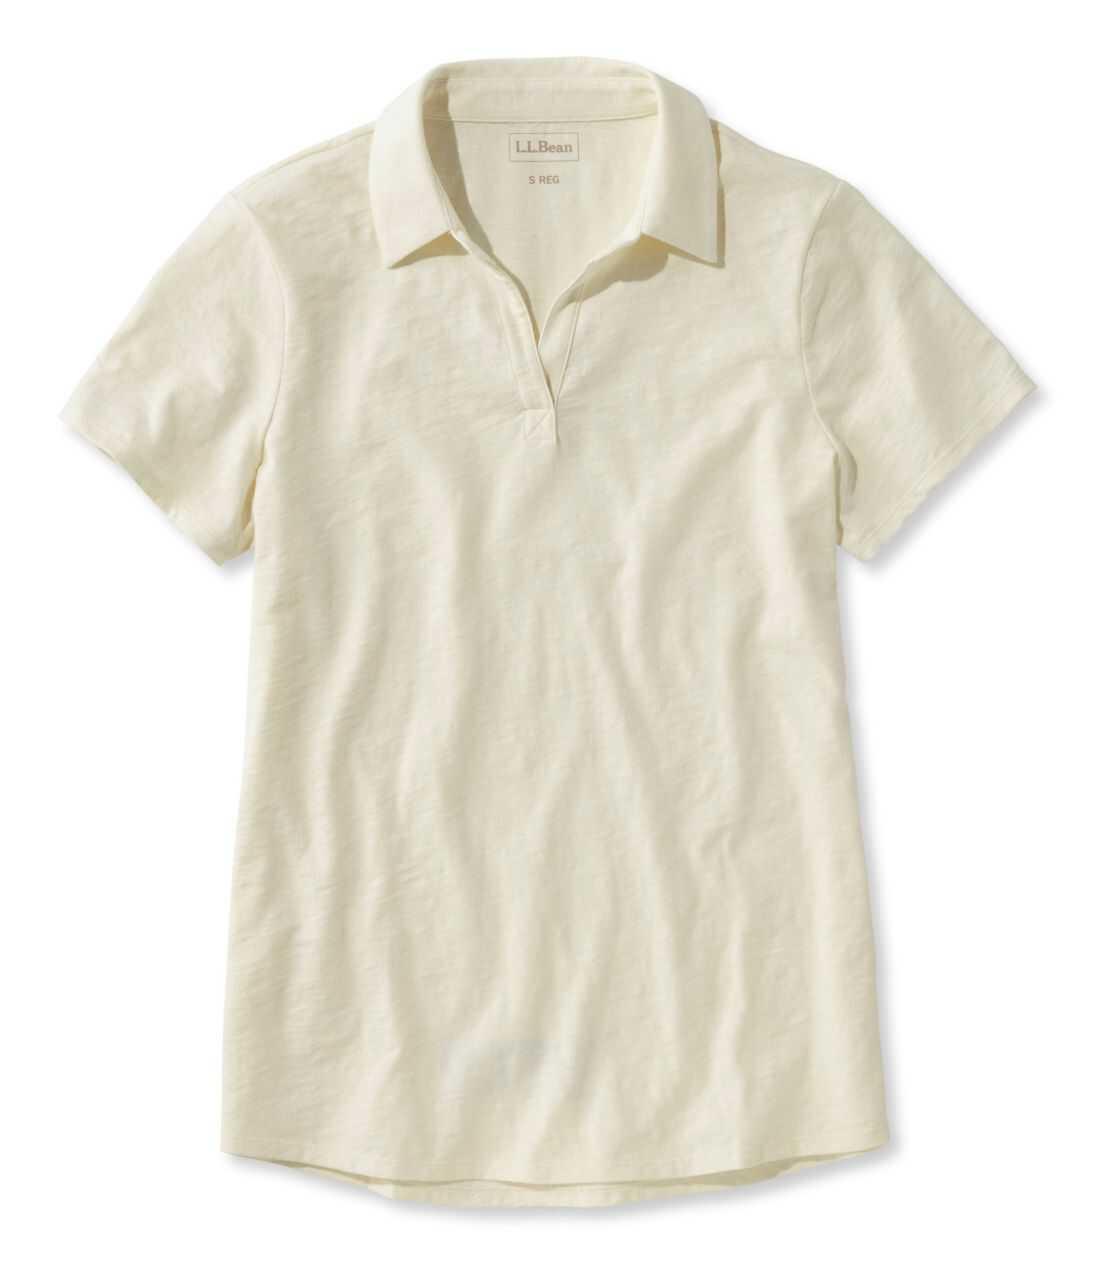 オーガニック・コットン・ティ、半袖 スプリットネック ポロシャツ